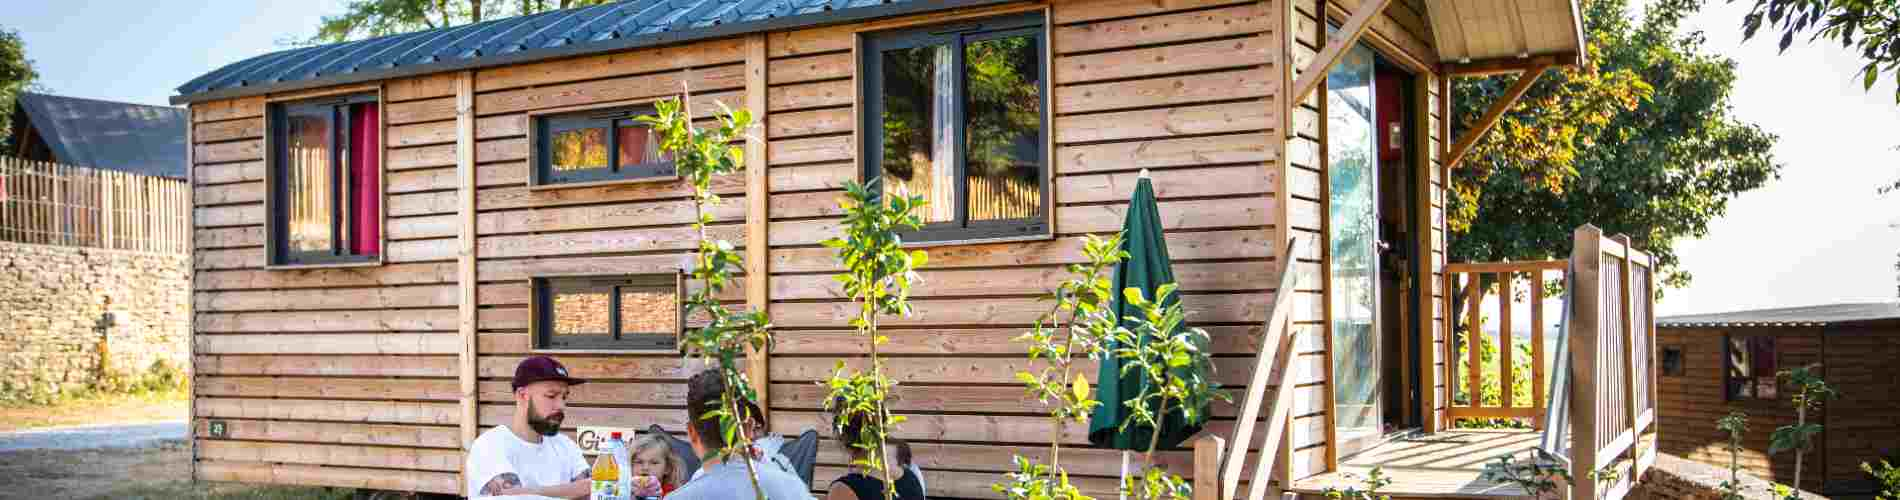 camping-arcachon-nouveau-hebergement-roulotte-bandeau-locatifs